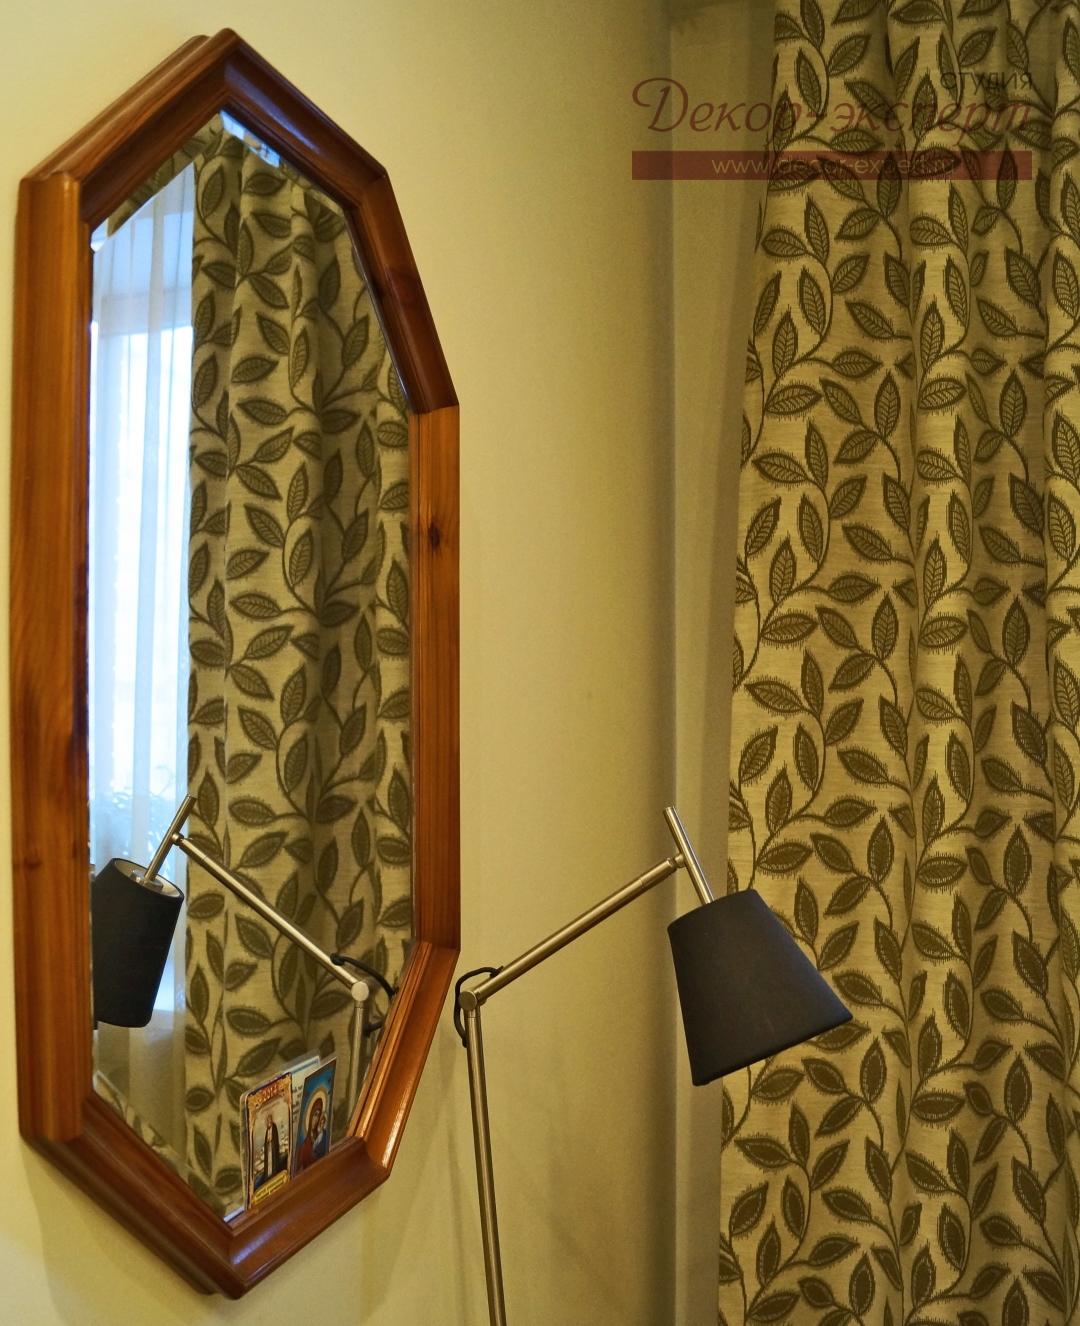 Отражение фрагмента штор в зеркале.